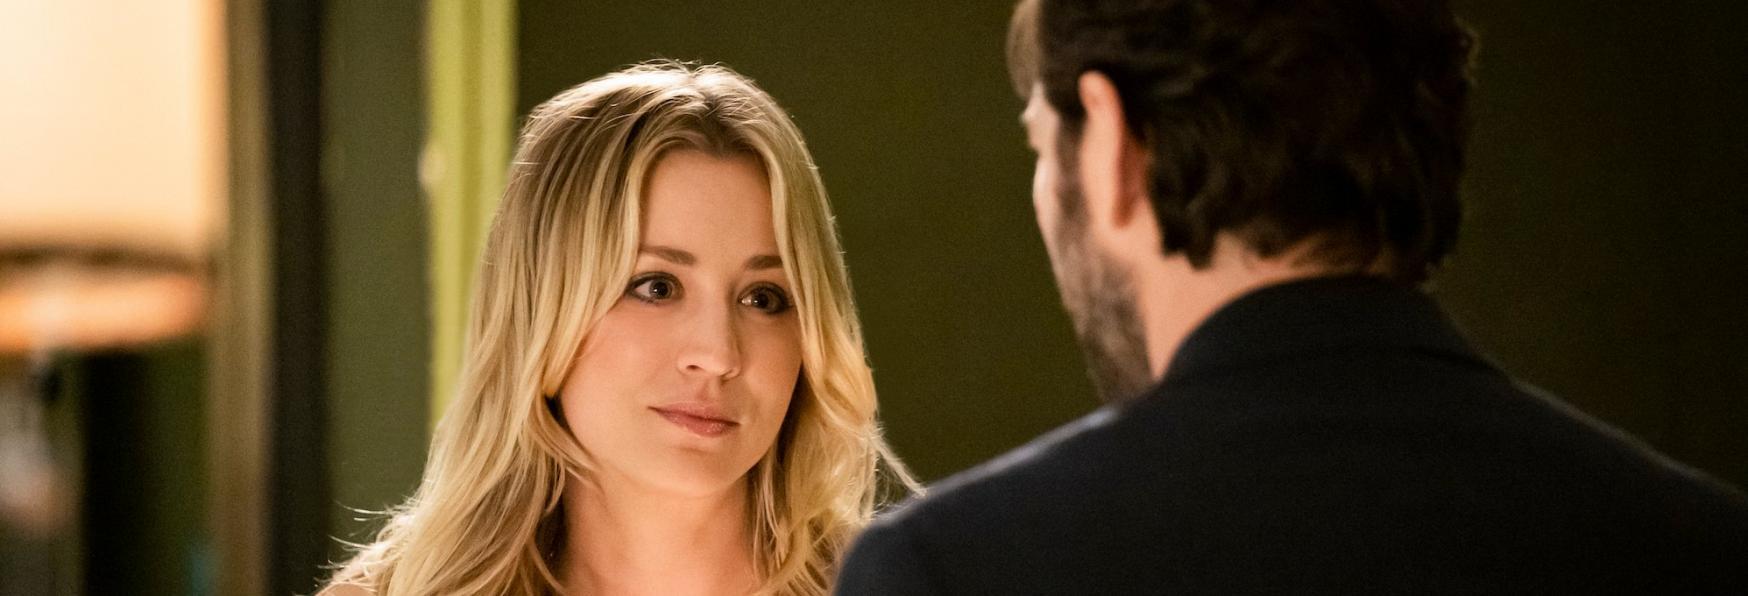 The Flight Attendant: la Recensione del 4° Episodio della nuova Serie TV HBO Max con Kaley Cuoco